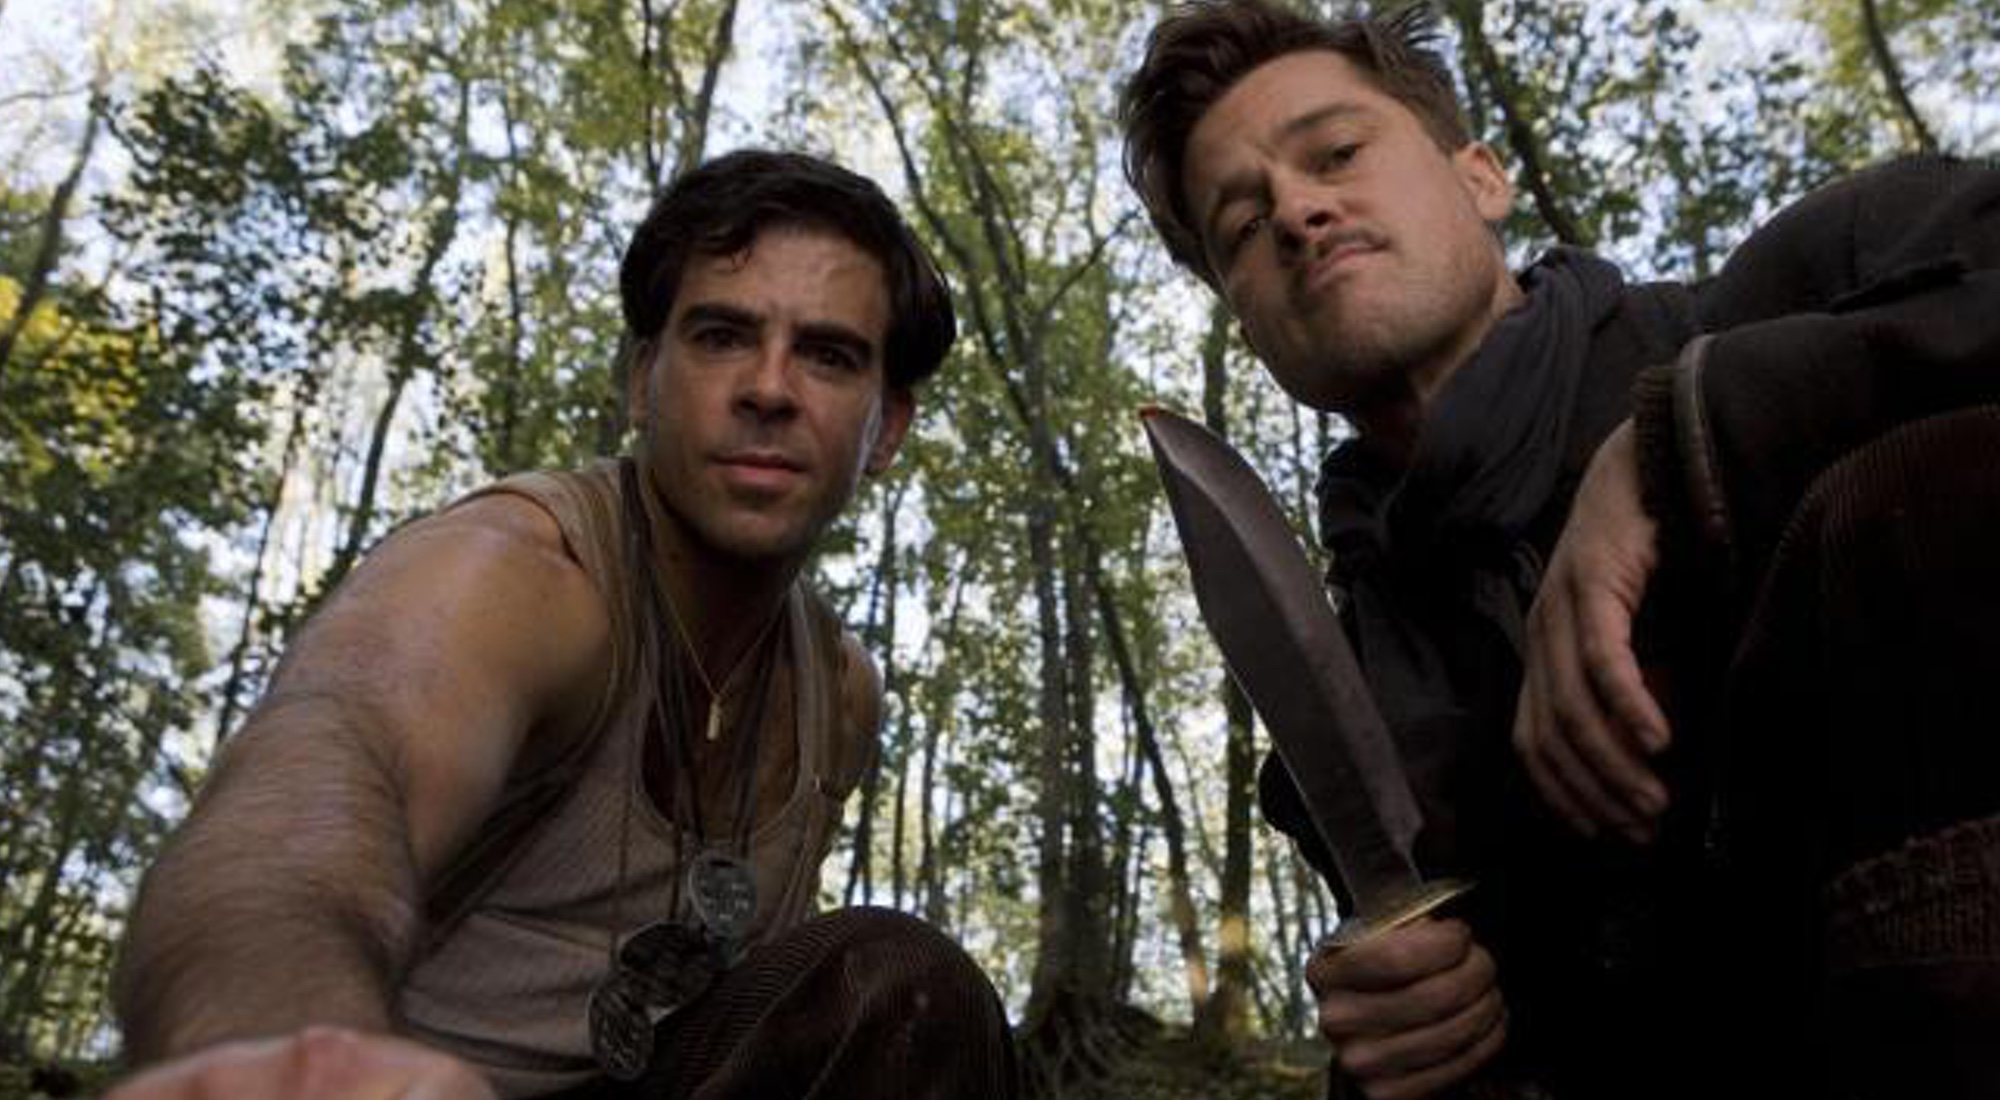 Diez años de 'Malditos Bastardos': estos son los héroes de guerra que inspiraron la película